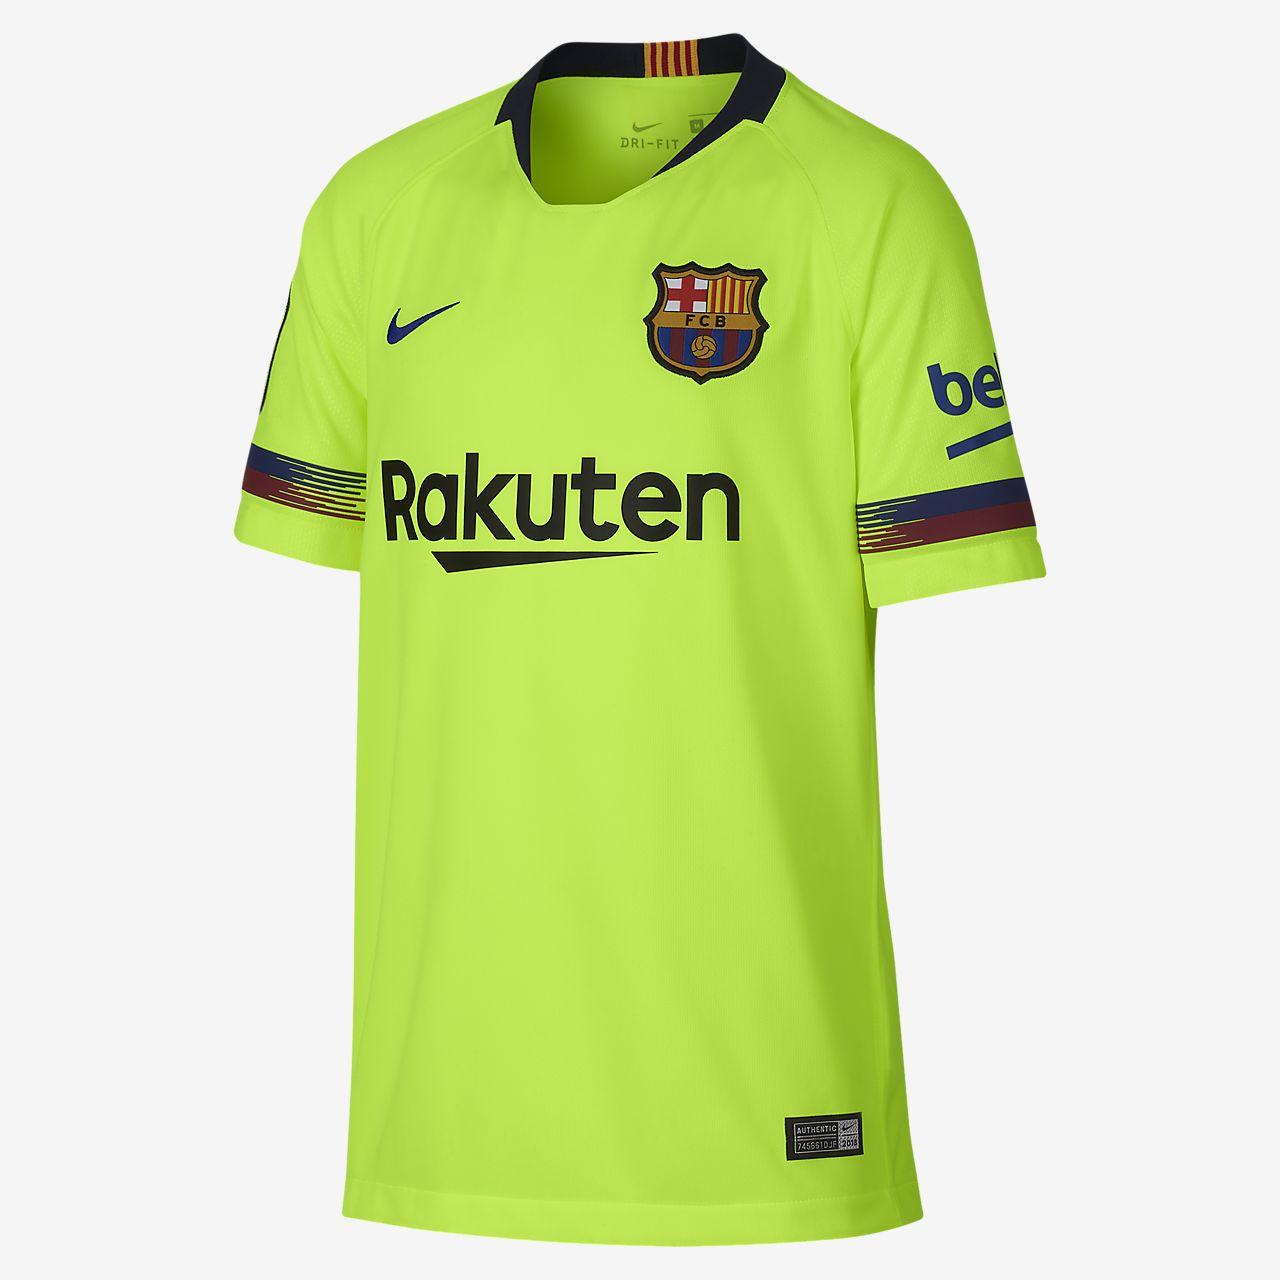 Koszulka piłkarska dla dużych dzieci 201819 FC Barcelona Stadium Away